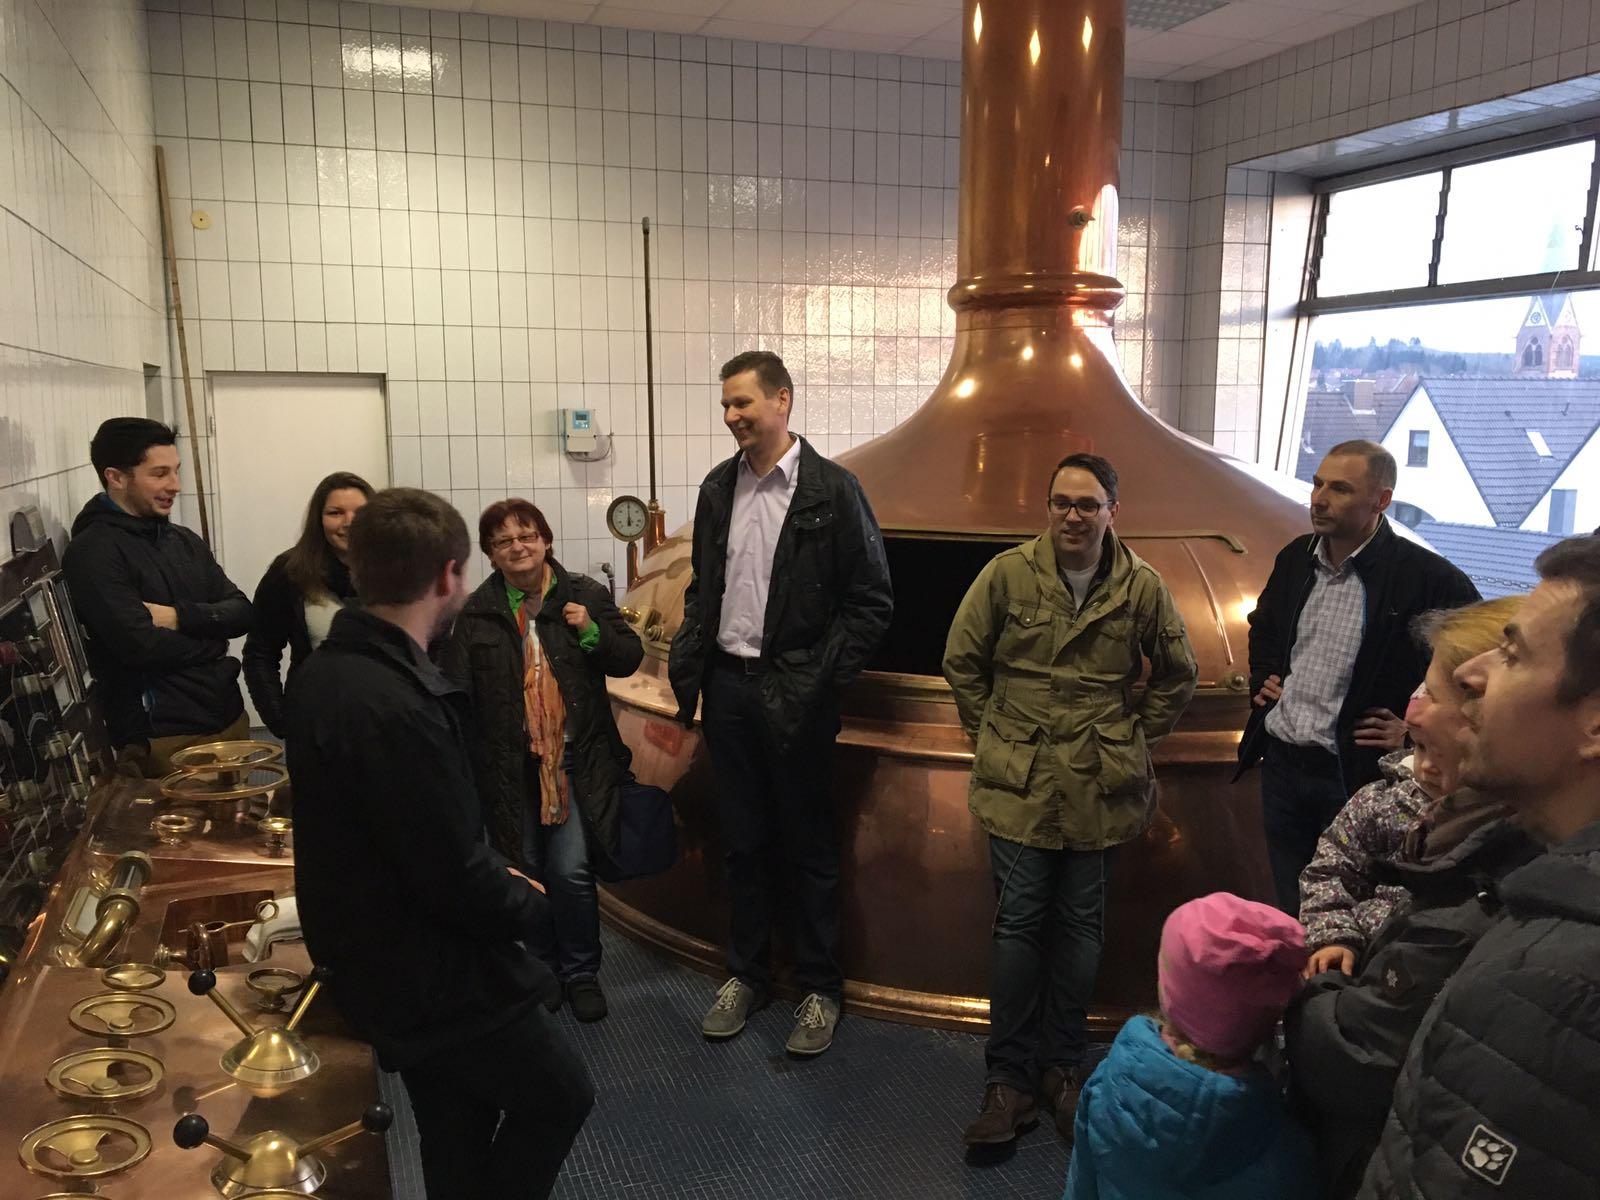 TV Schweinheim Ausdauersport Brauereibesichtigung Schwindbräu März 2017